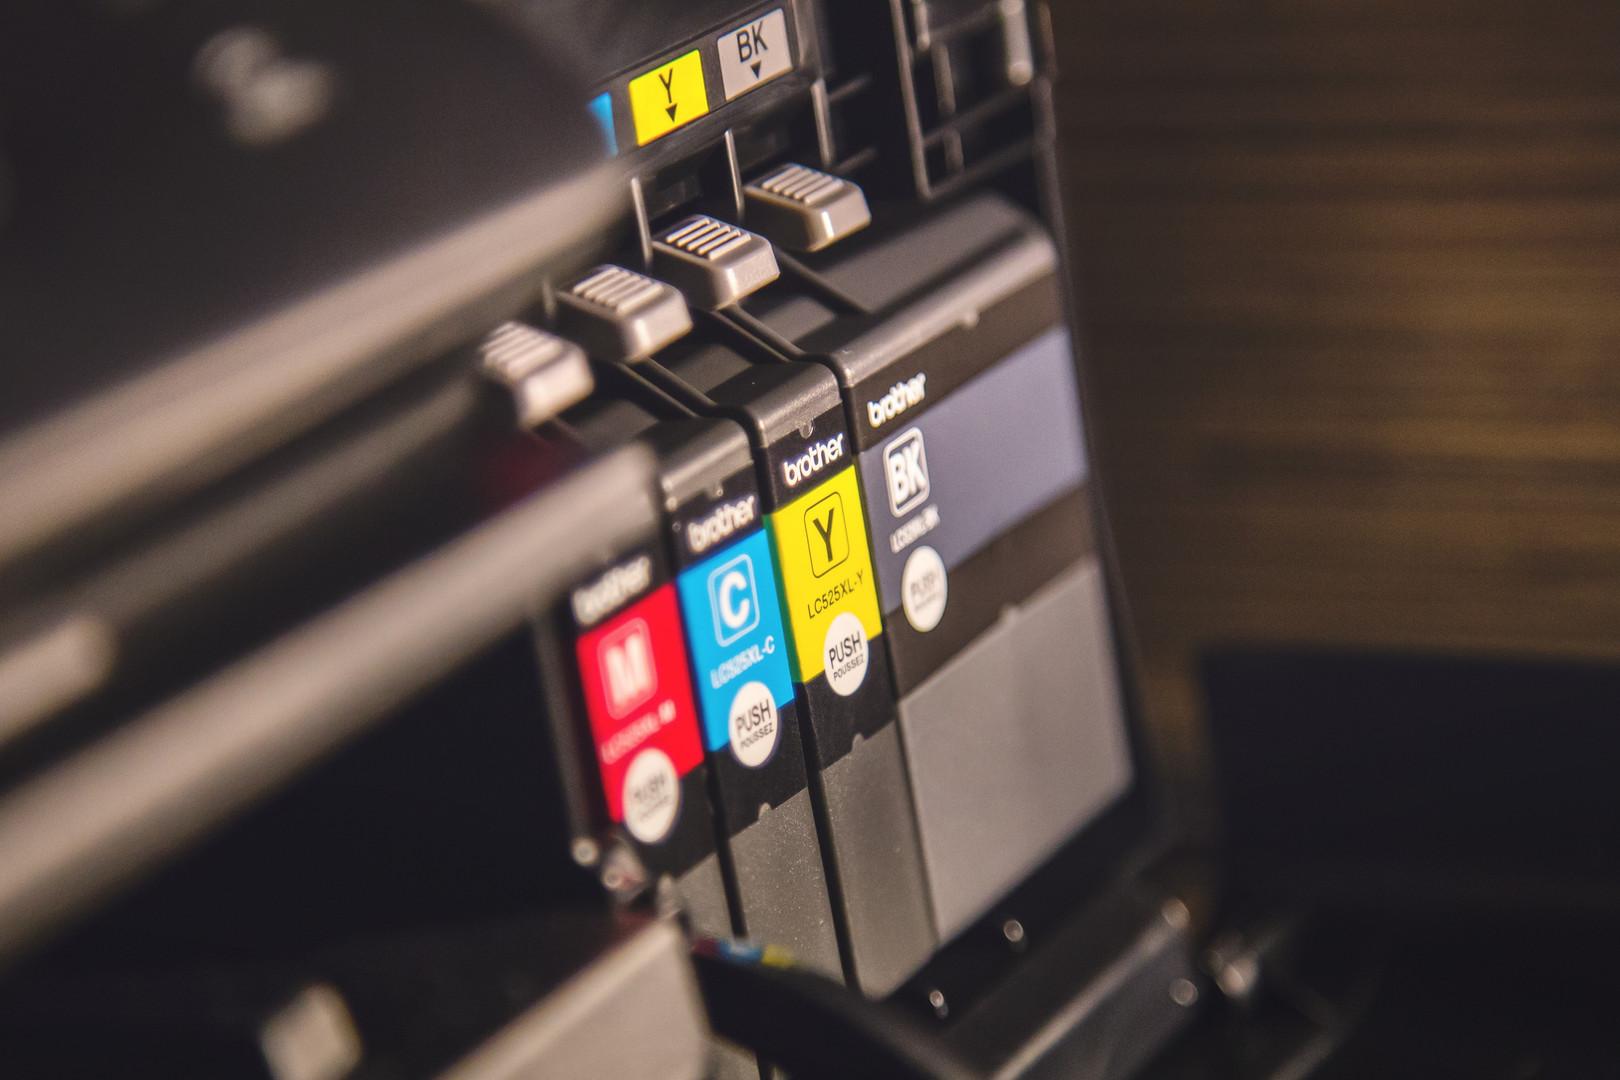 Comprobación de tinta de impresora